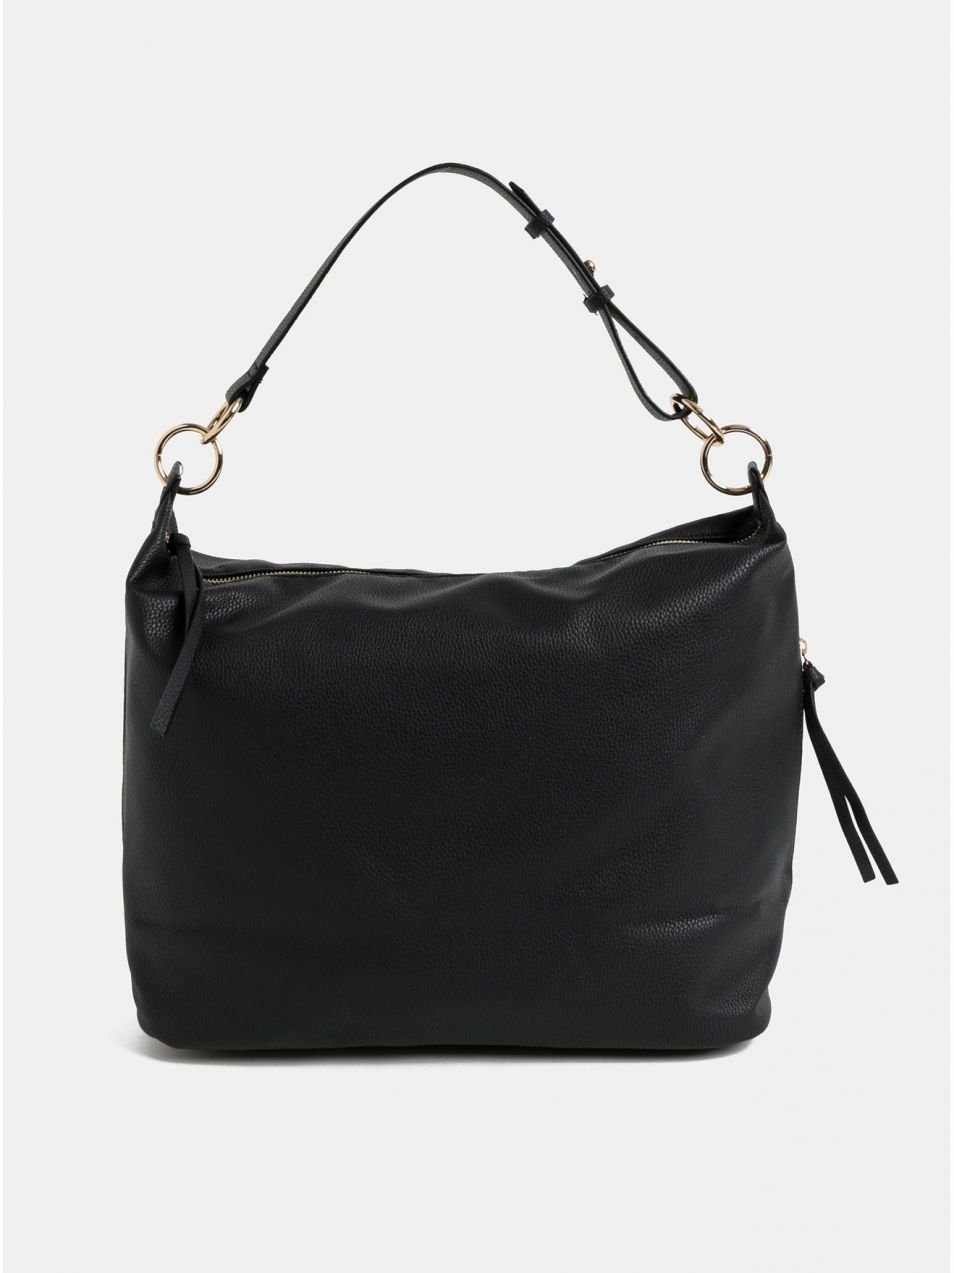 4590cebe34 Čierna veľká kabelka so strapcami Dorothy Perkins značky Dorothy Perkins -  Lovely.sk